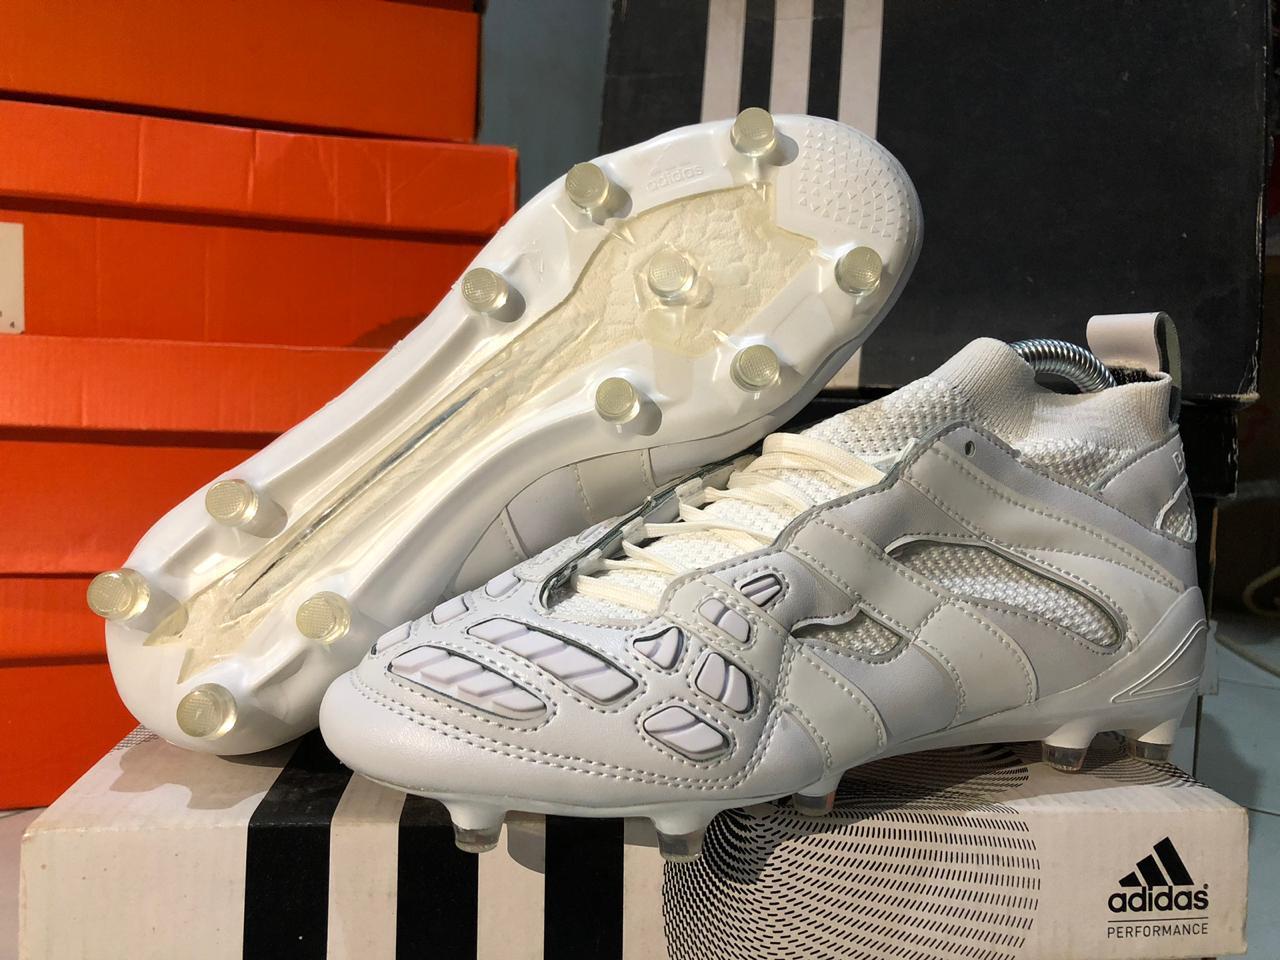 Baru 2019 Sepatu Bola Predator Accelerator Beckham FG - White - 2 ...